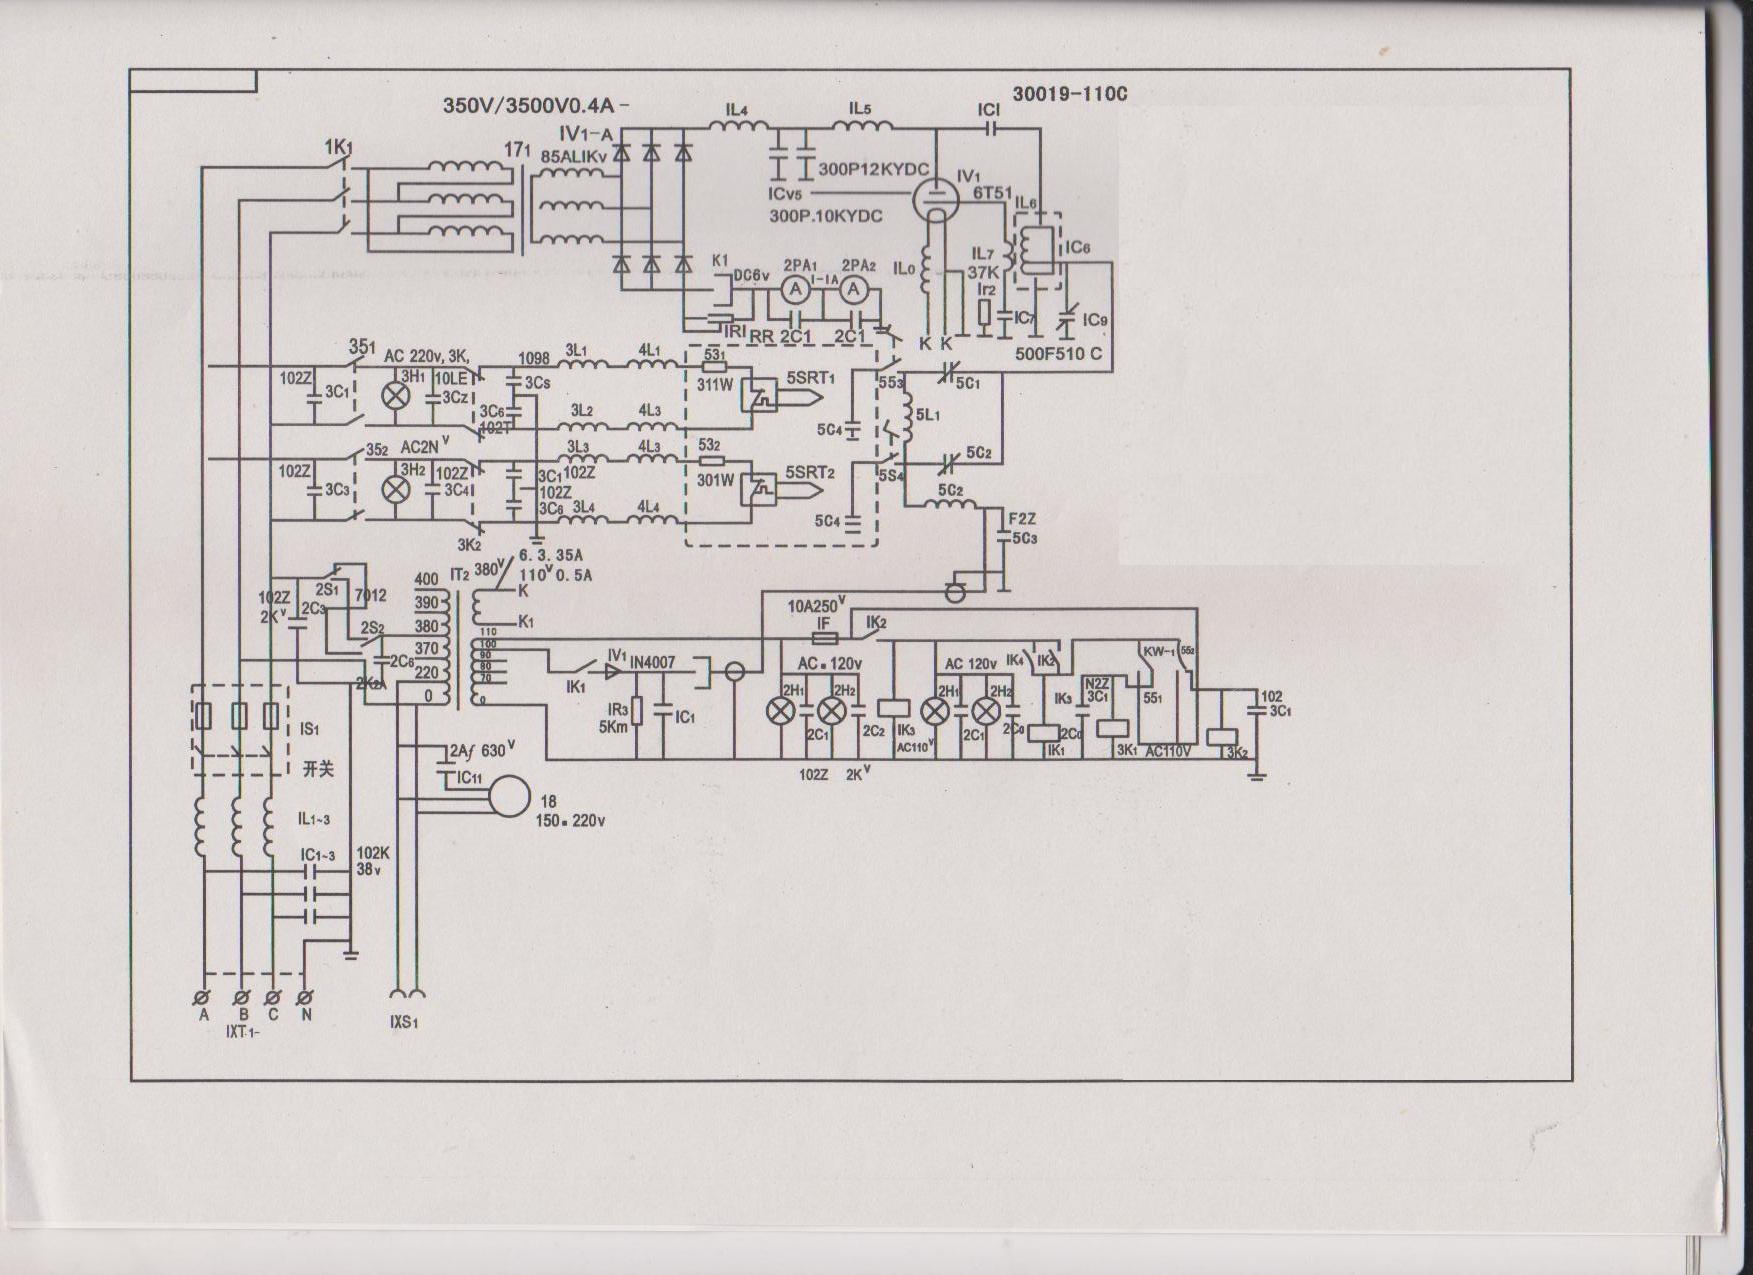 circuit diagram for 380V ,3 Phase.jpg